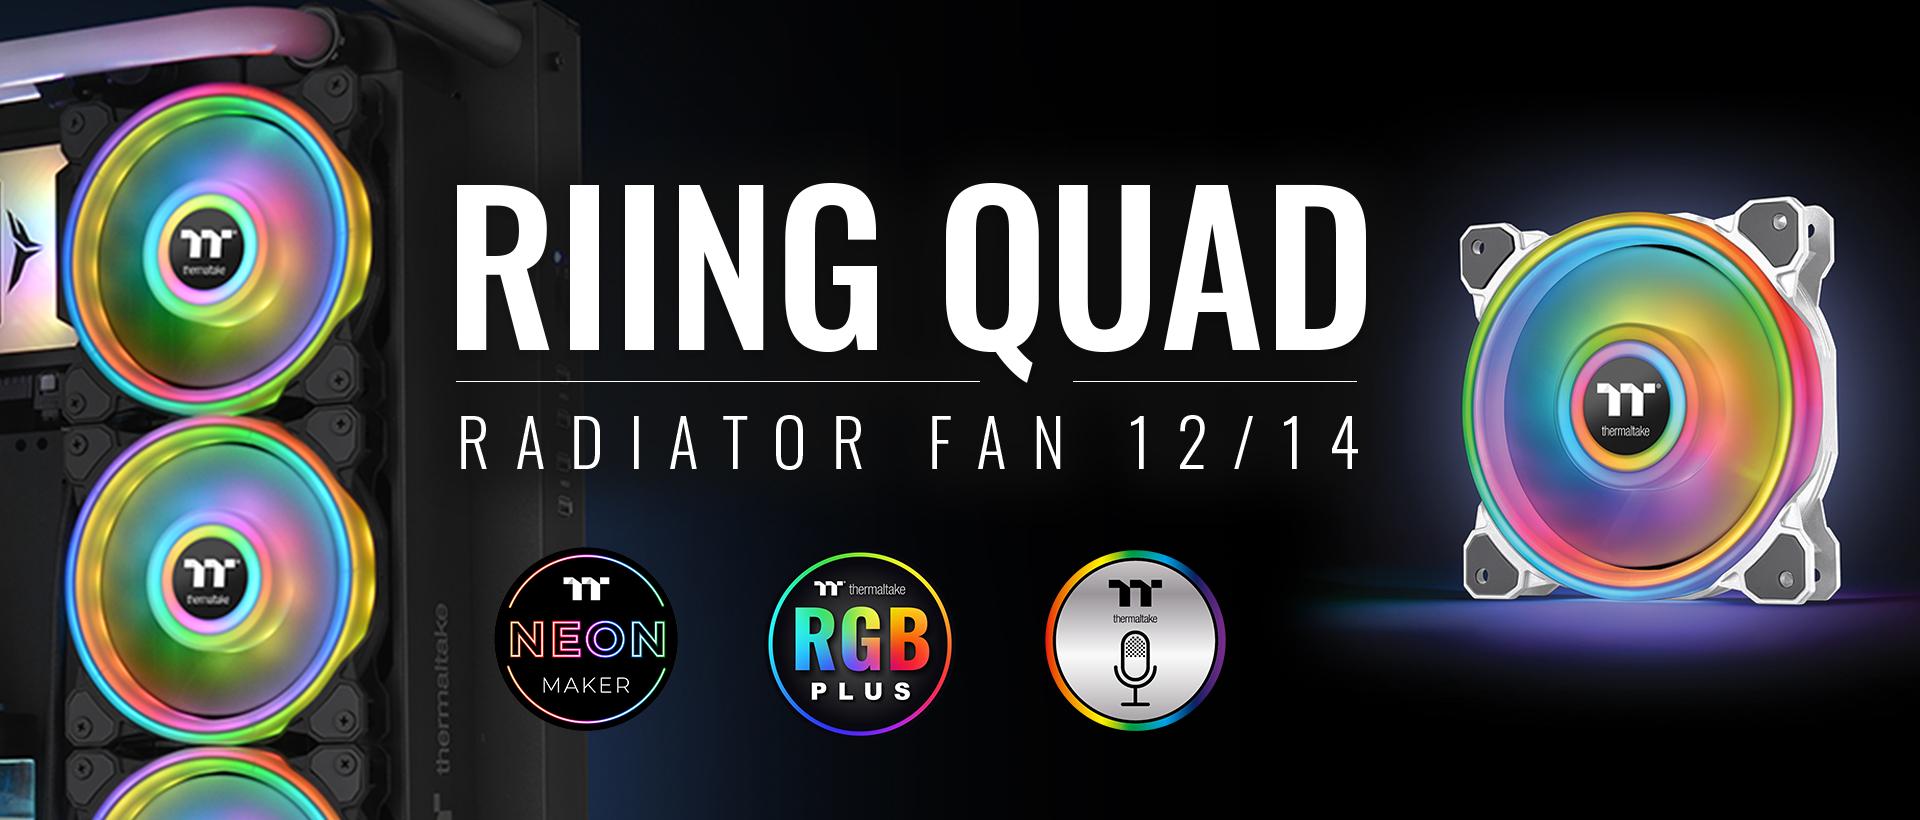 Quad Fans